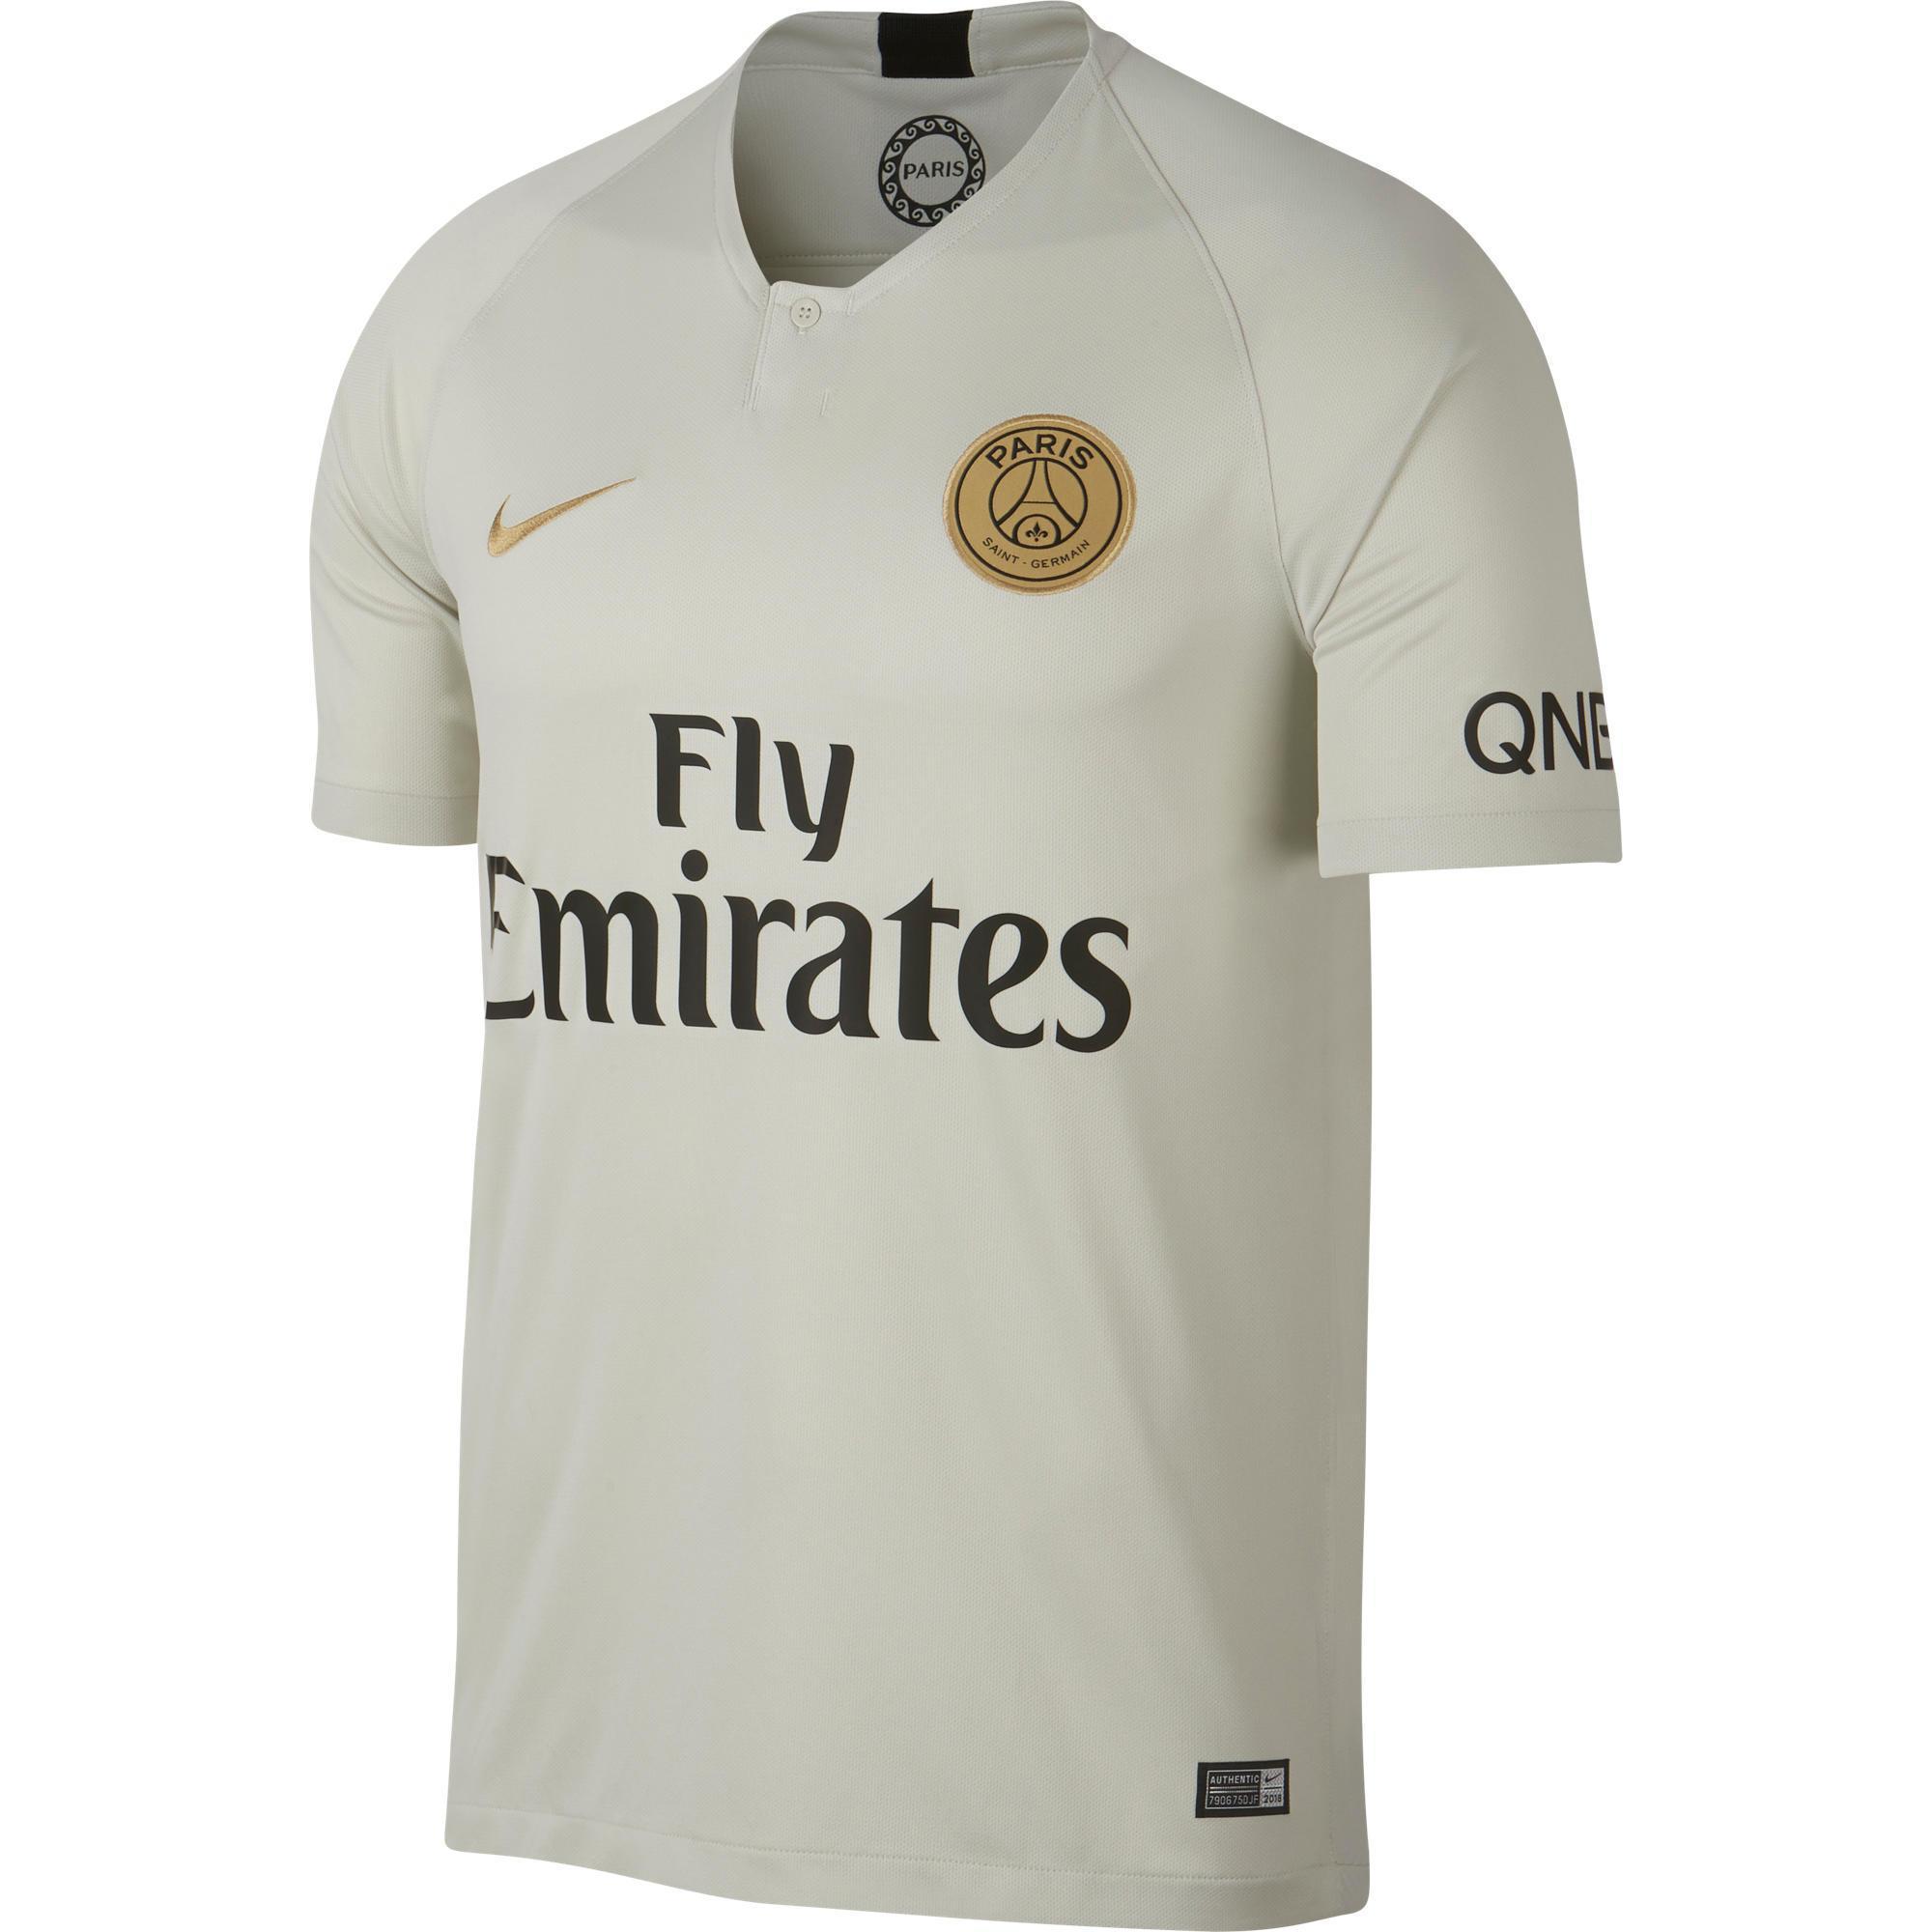 1cdc5fdd7e Camisetas Oficiales Selecciones y Equipos Fútbol